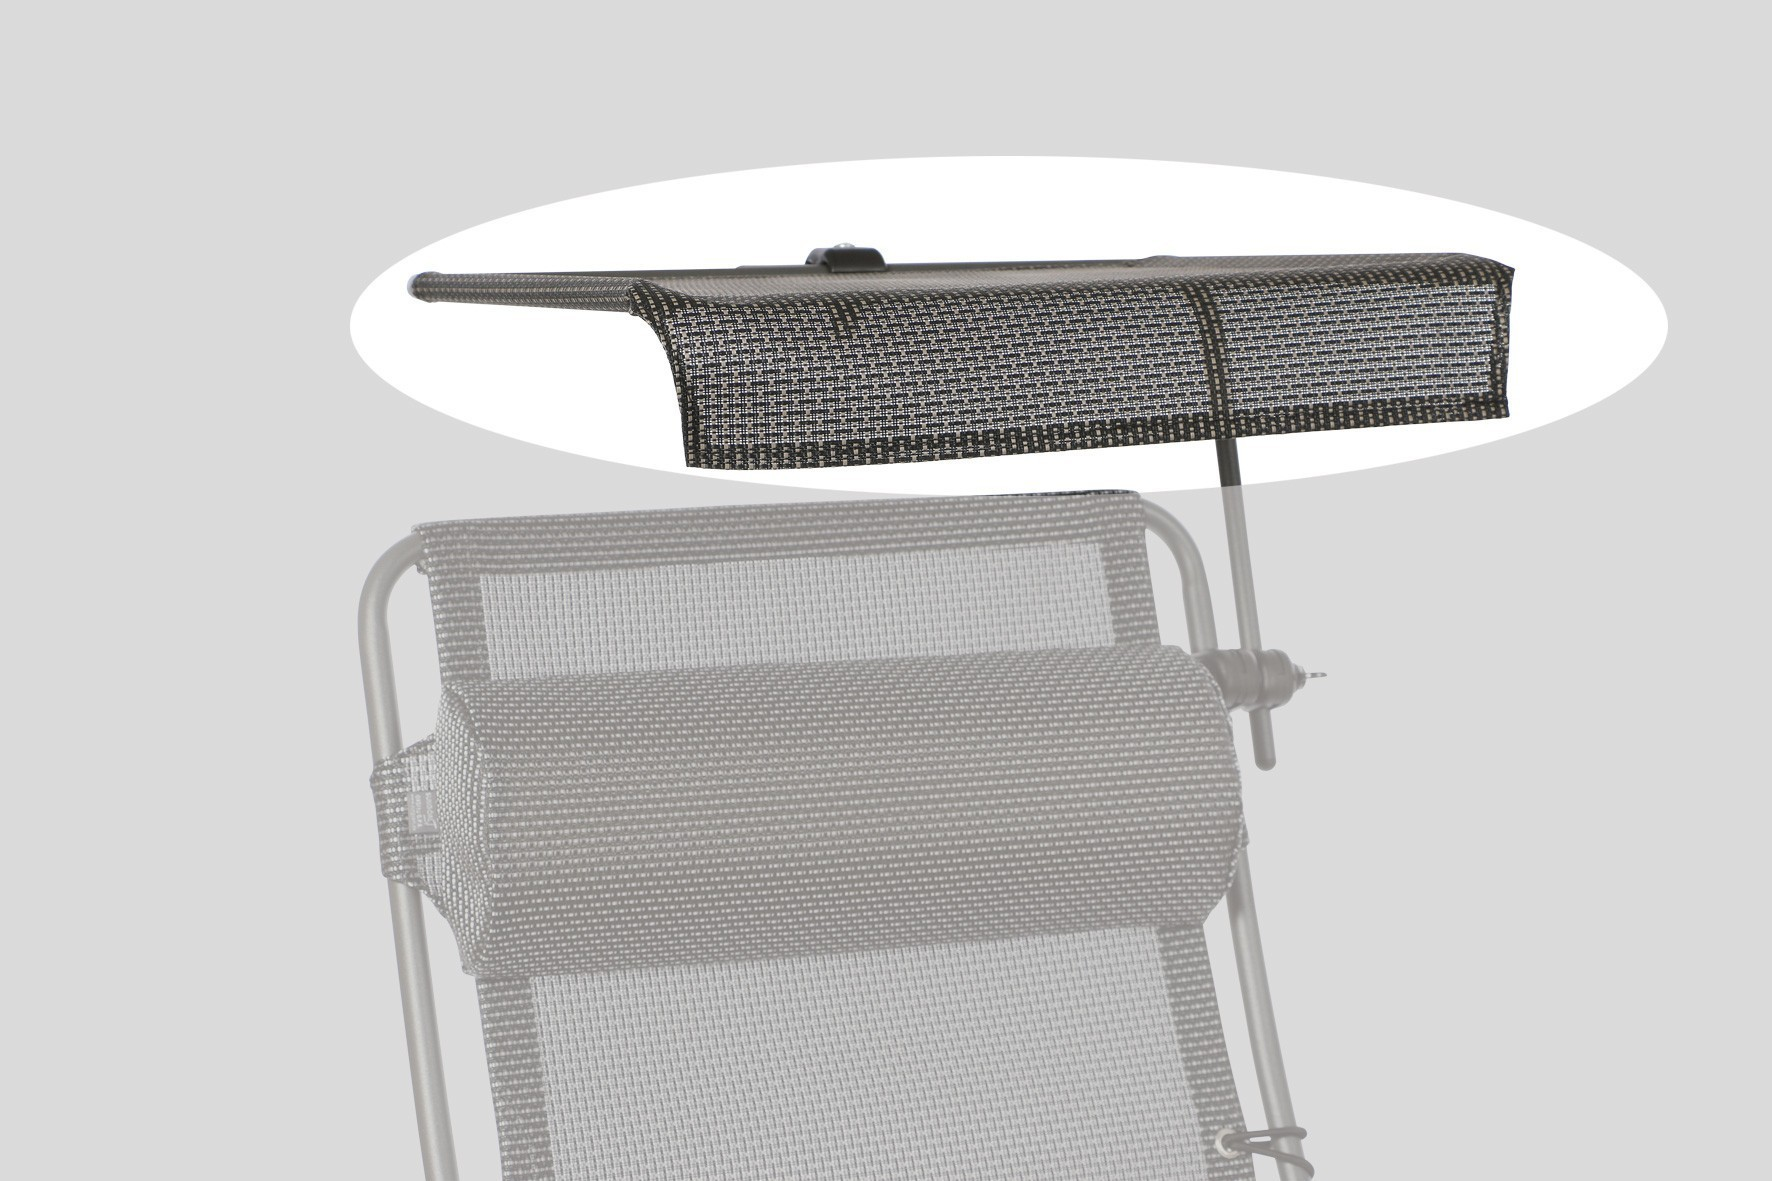 Sungörl Sonnendach für Relaxliege Oasi XL Bild 1